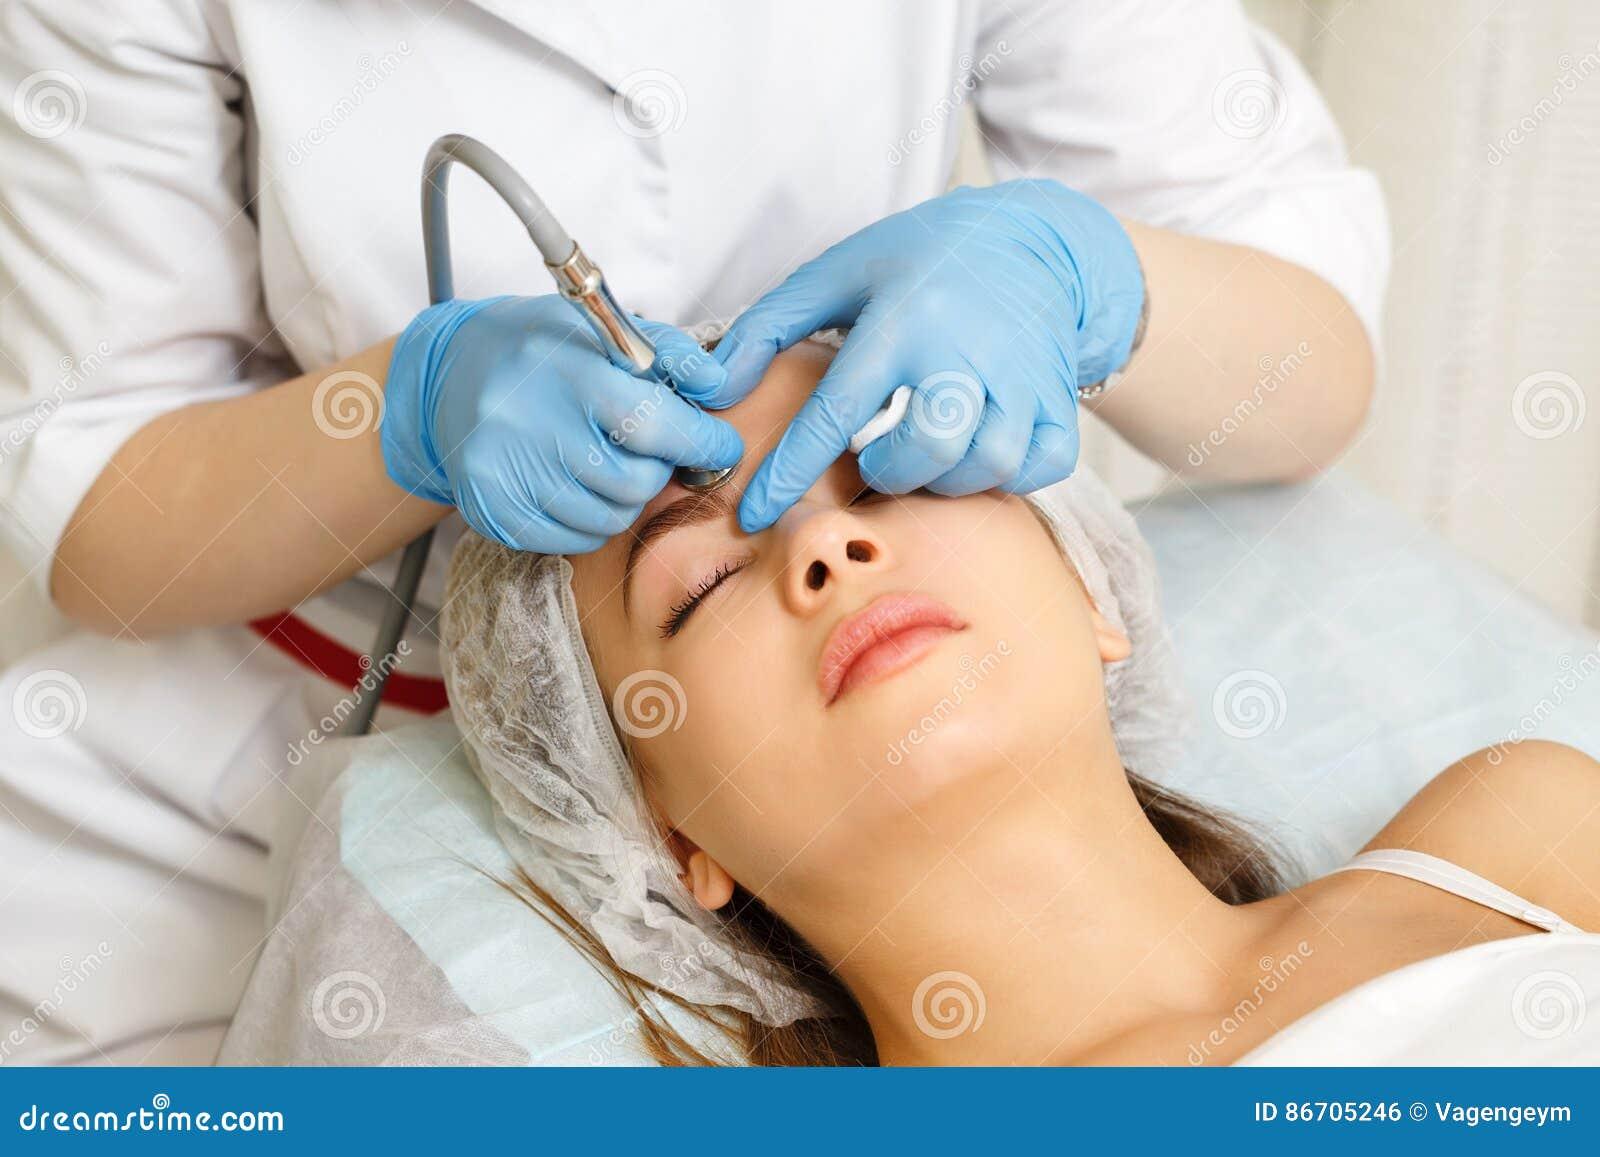 Dermabrasion смотрит на Косметология оборудования